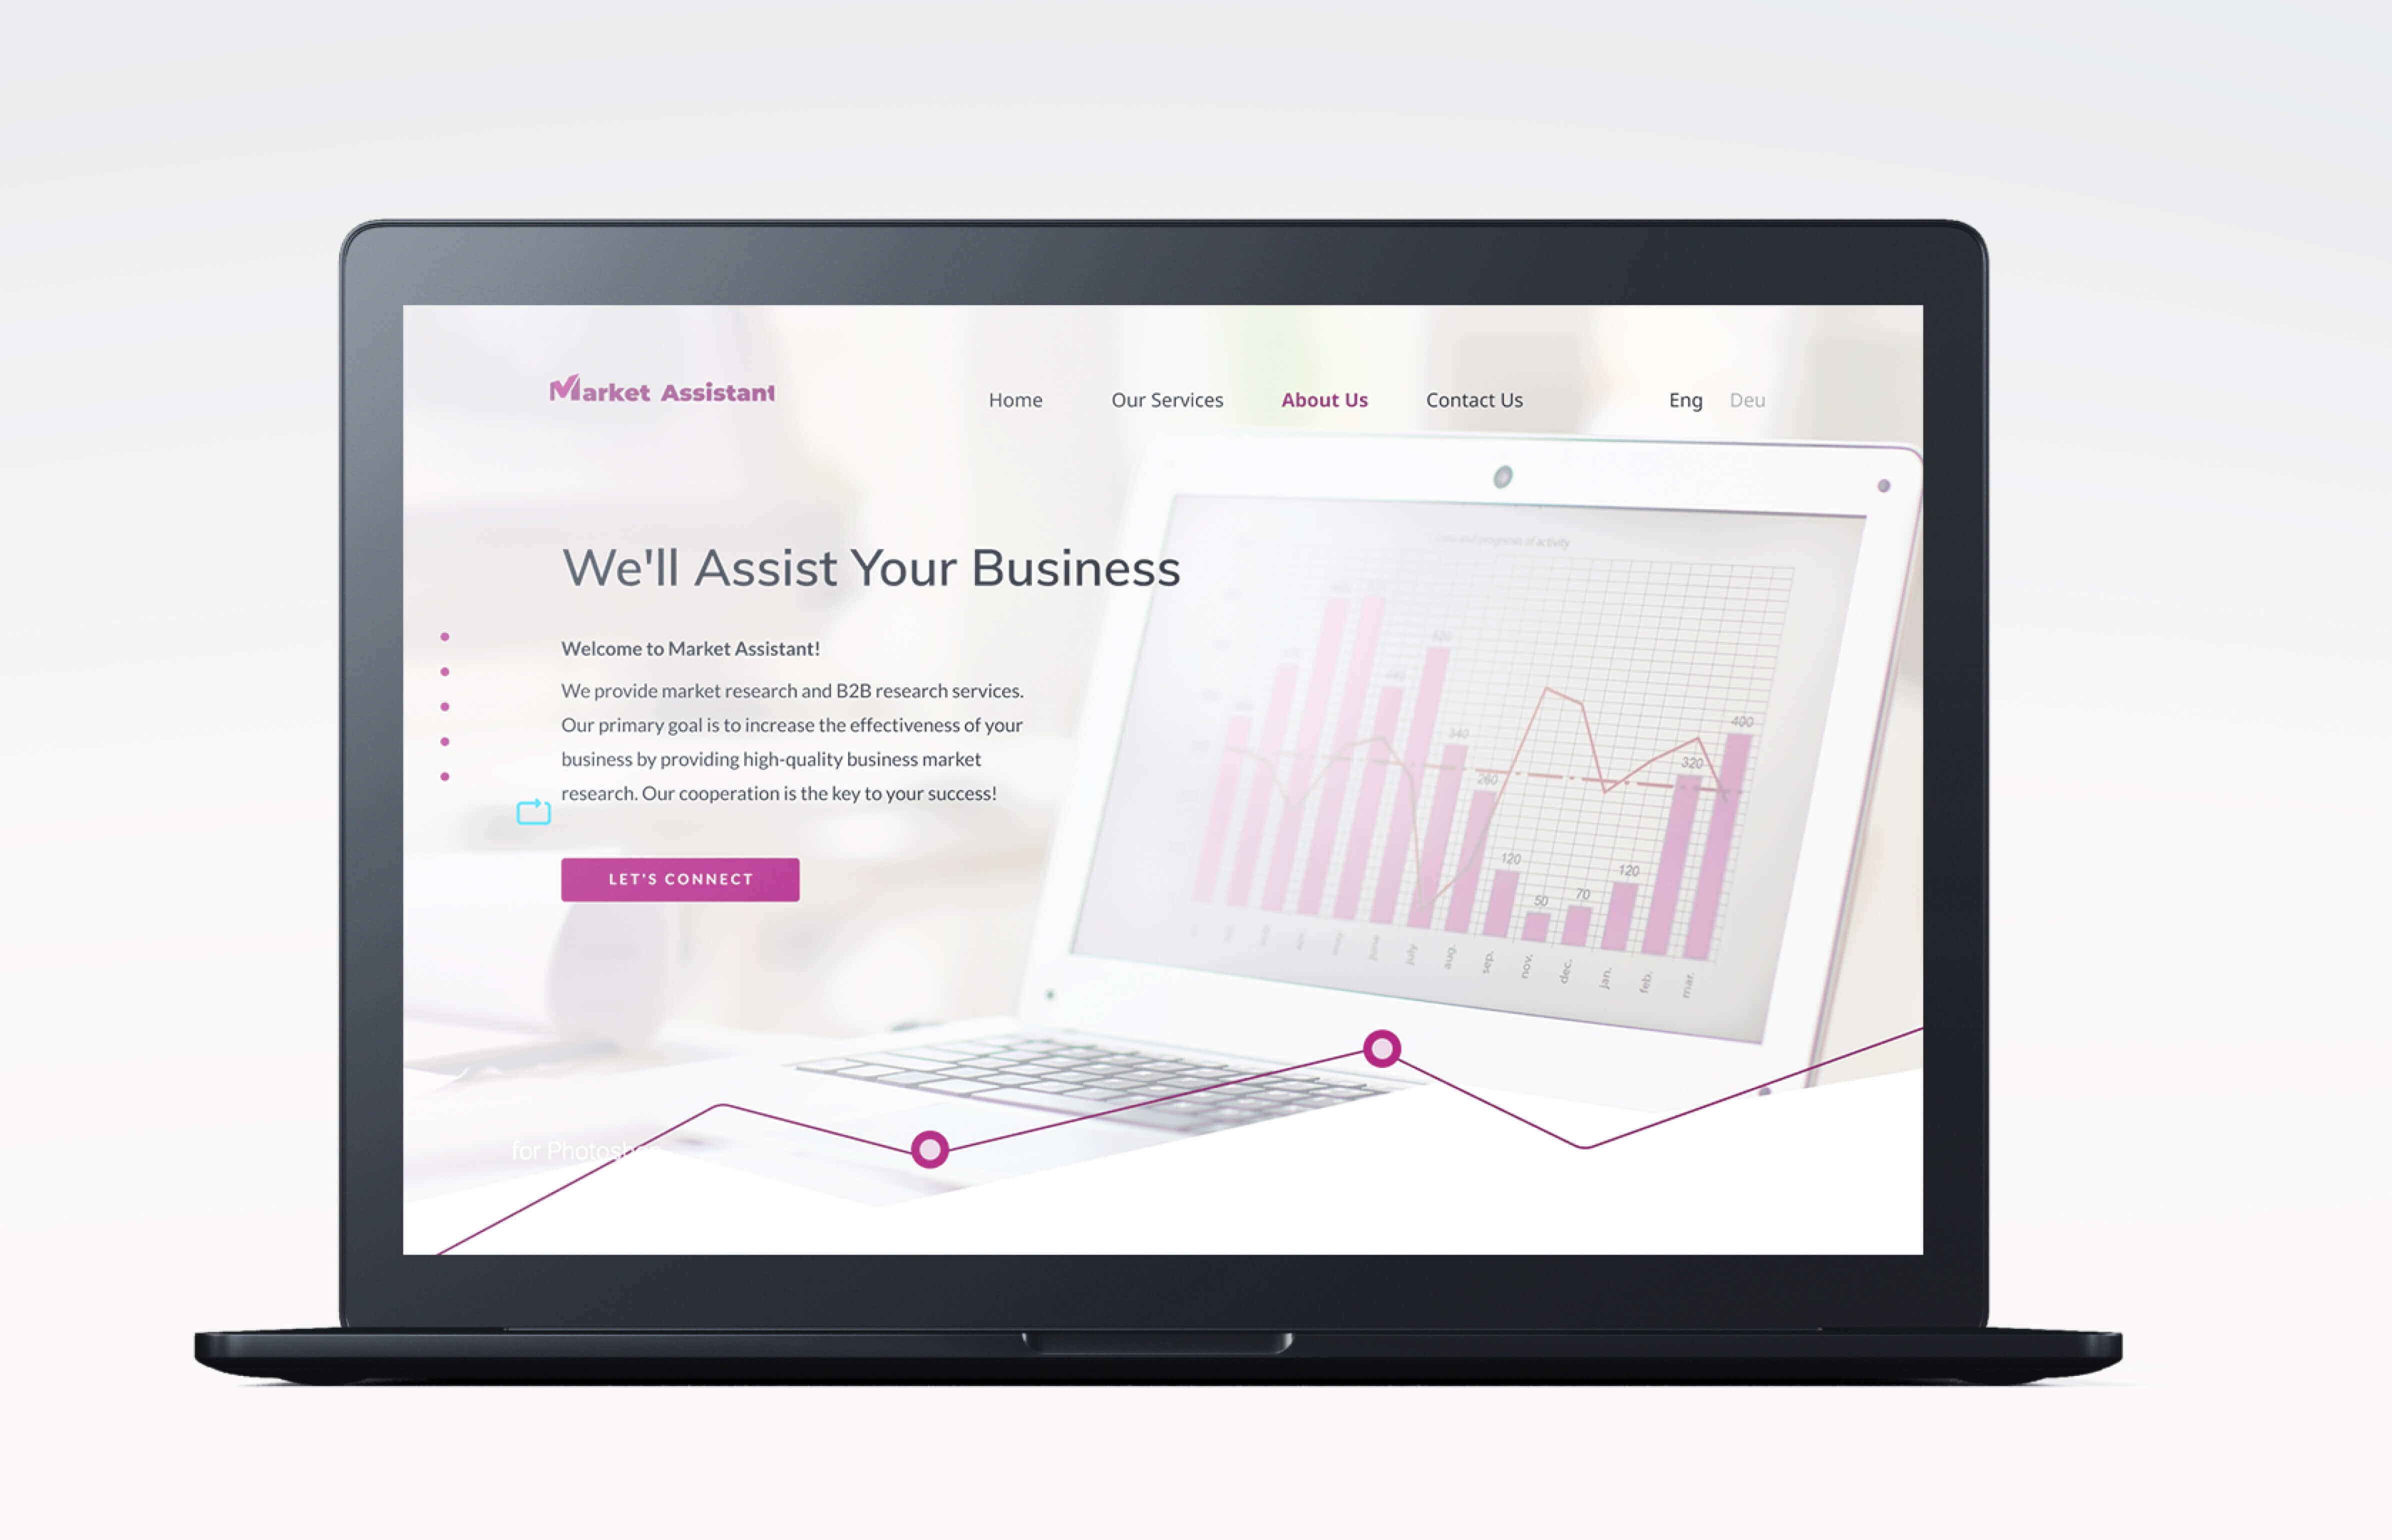 Market Assistant presentation